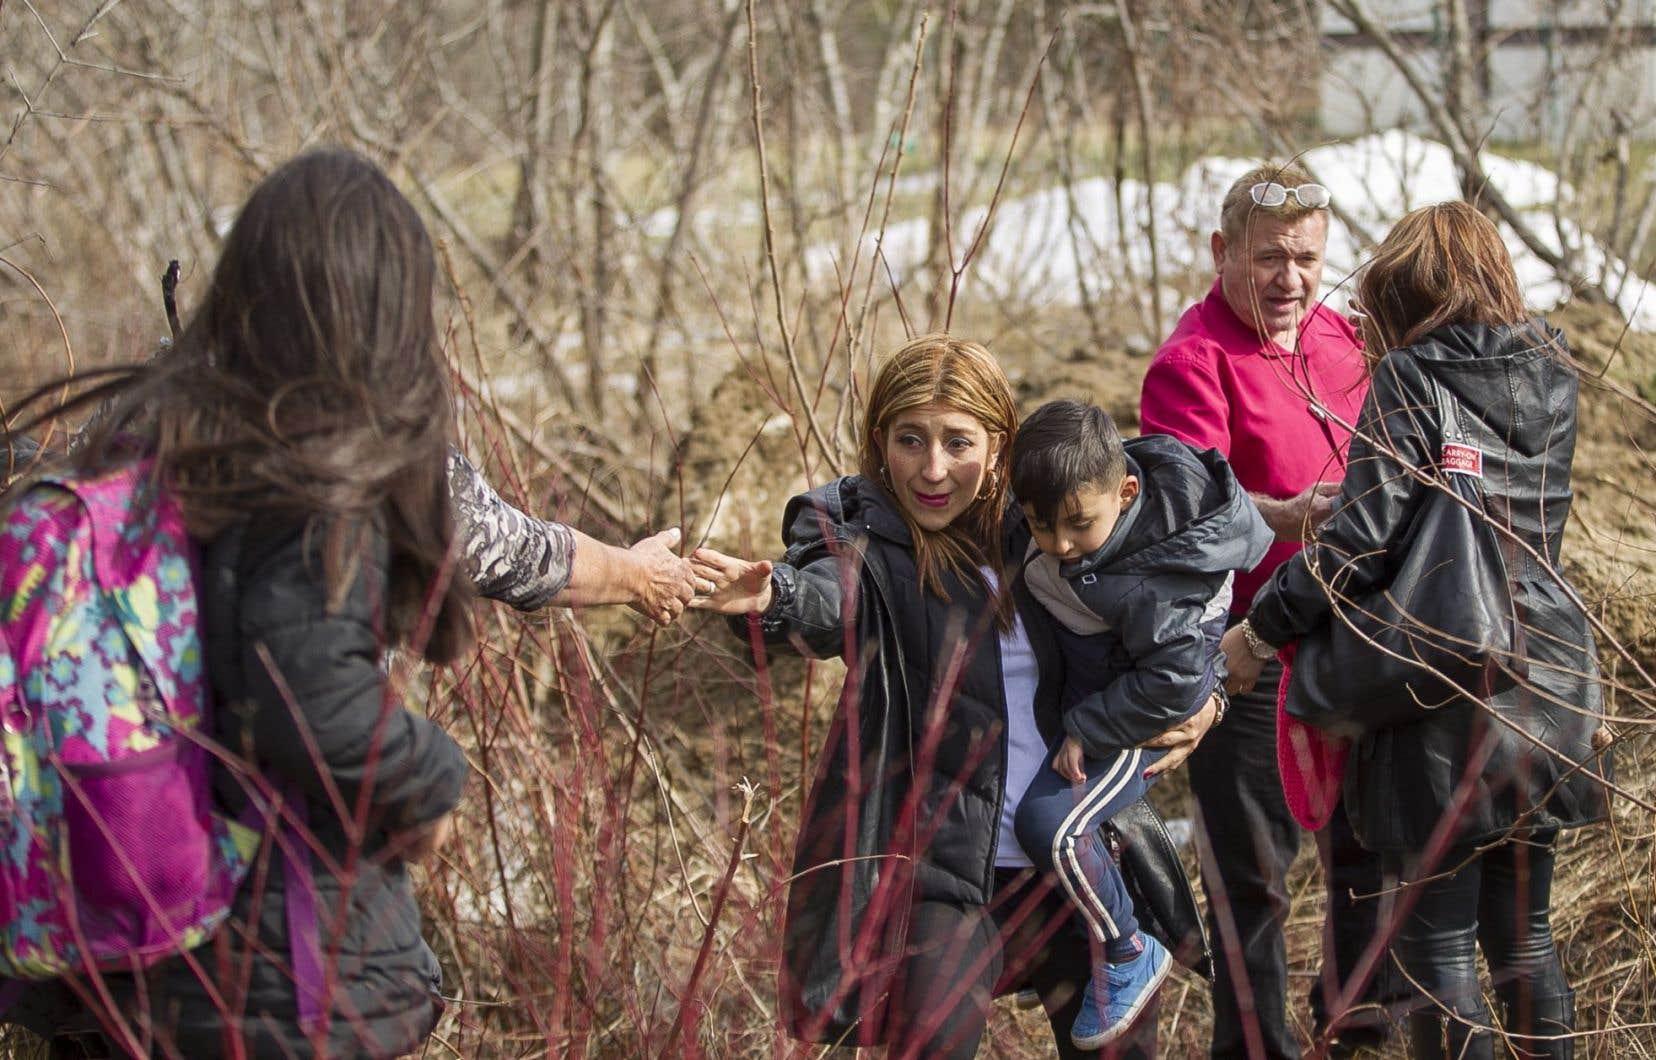 Gagner la confiance des immigrants sans-papiers est l'un des principaux défis pour récolter des témoignages.